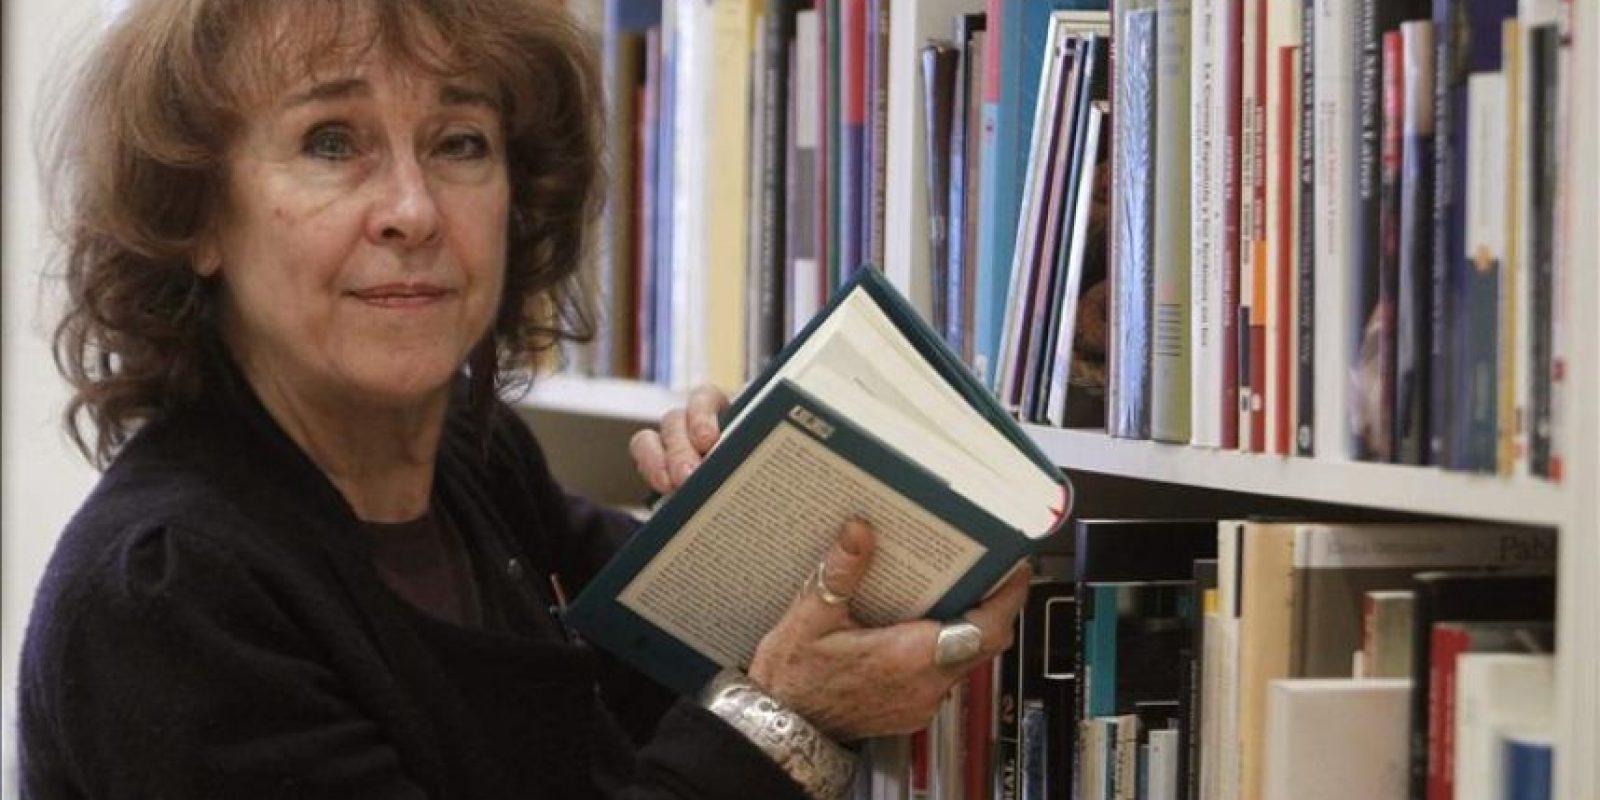 Rosalba Campra, de la Università La Sapienza, de Roma, experta en la obra de Julio Cortazar que participa en el encuentro que celebra el Centro de Arte Moderno de Madrid. EFE